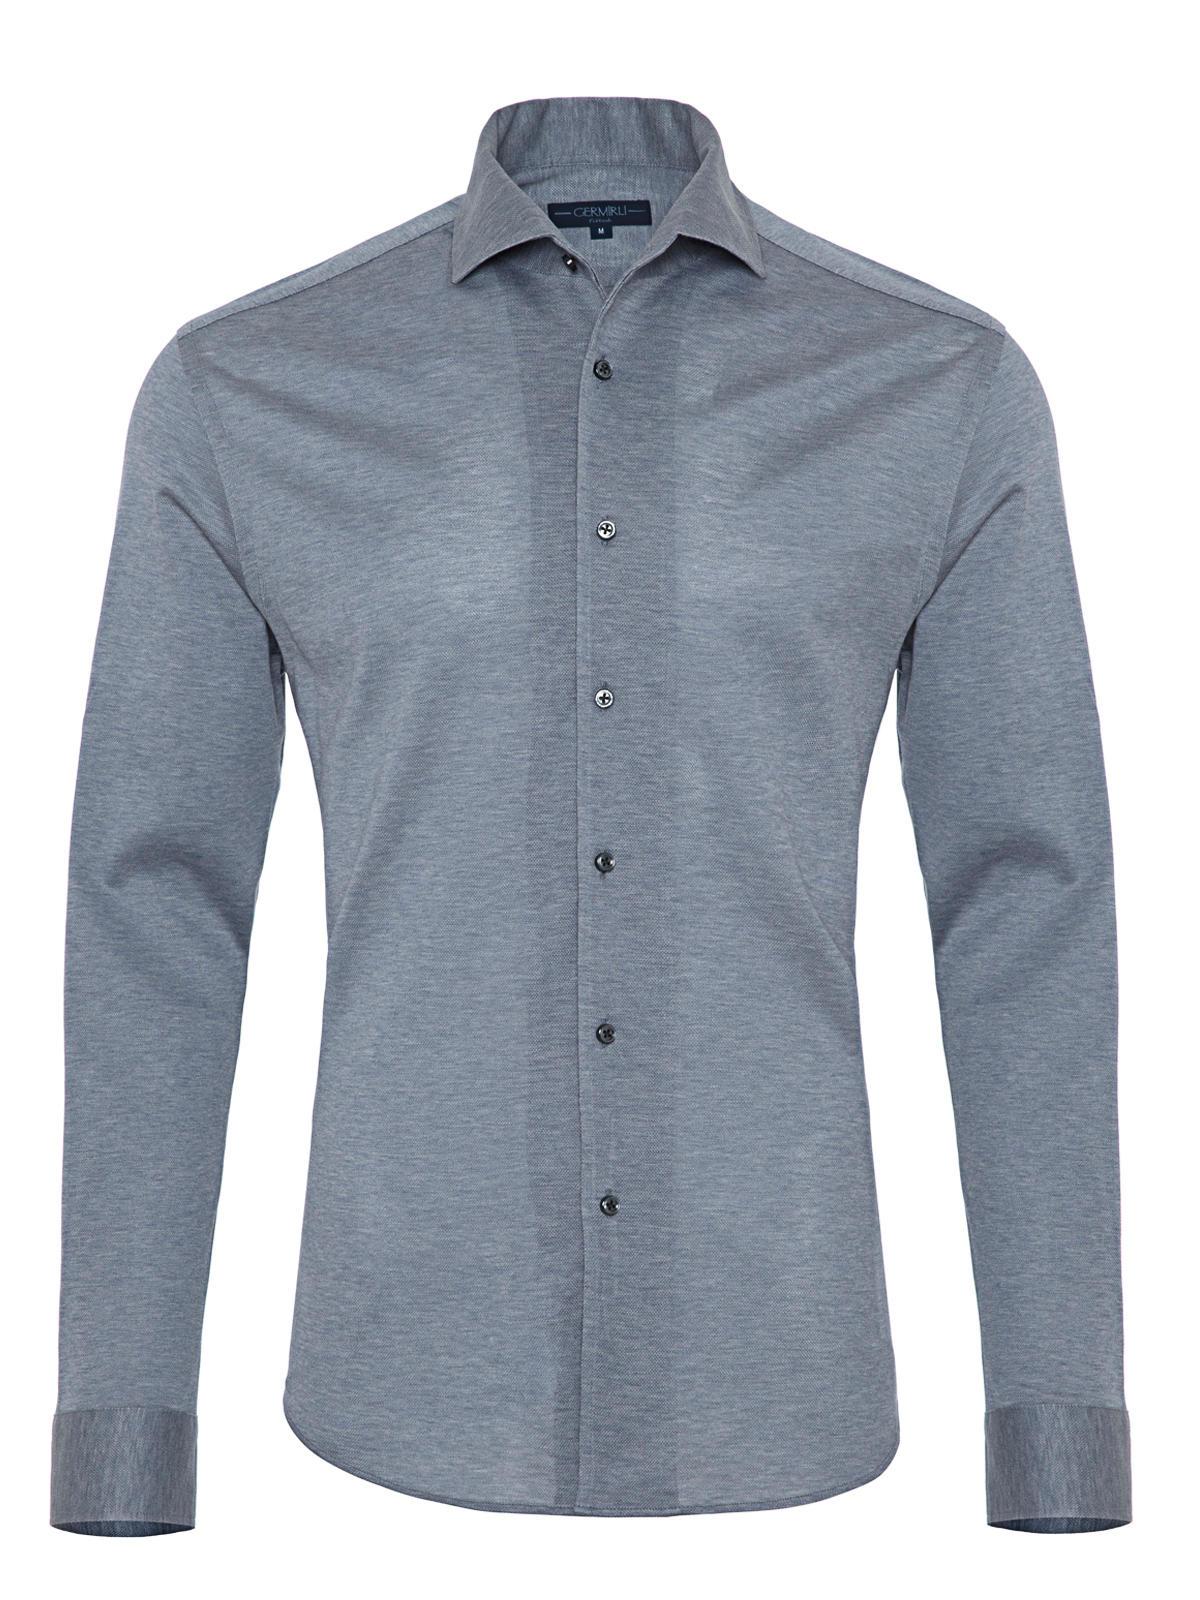 Germirli Nevapaş Light Blue Tailor Fit Piquet Knitted Shirt